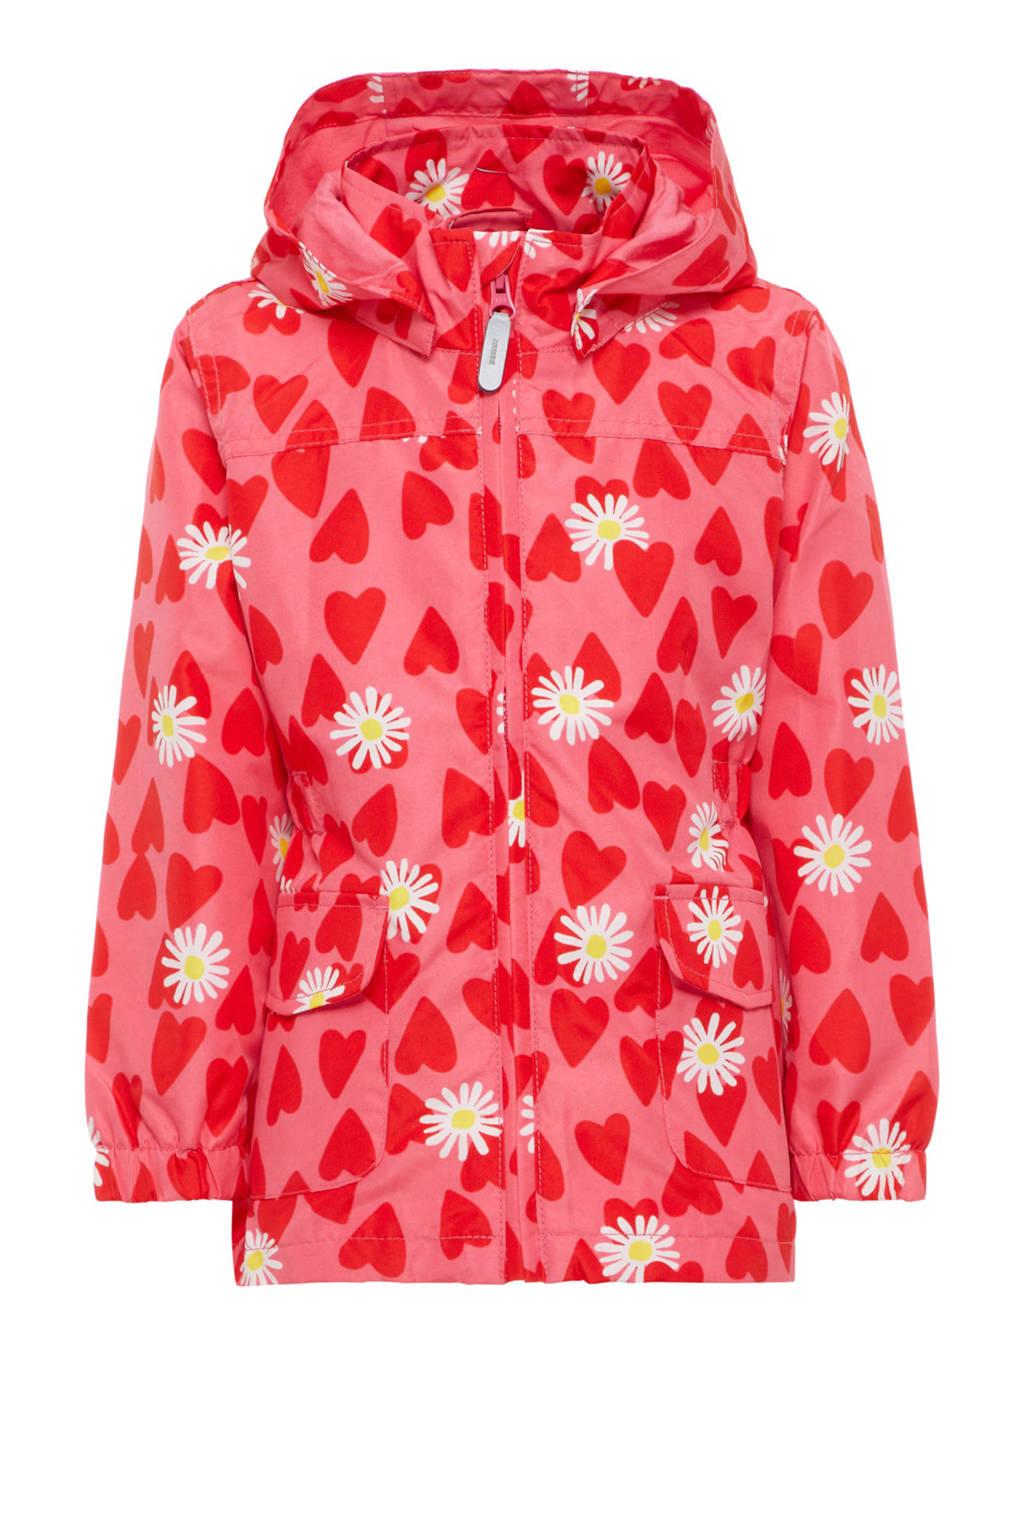 name it MINI gebloemde zomerjas Mello met hartjes roze, Roze/rood